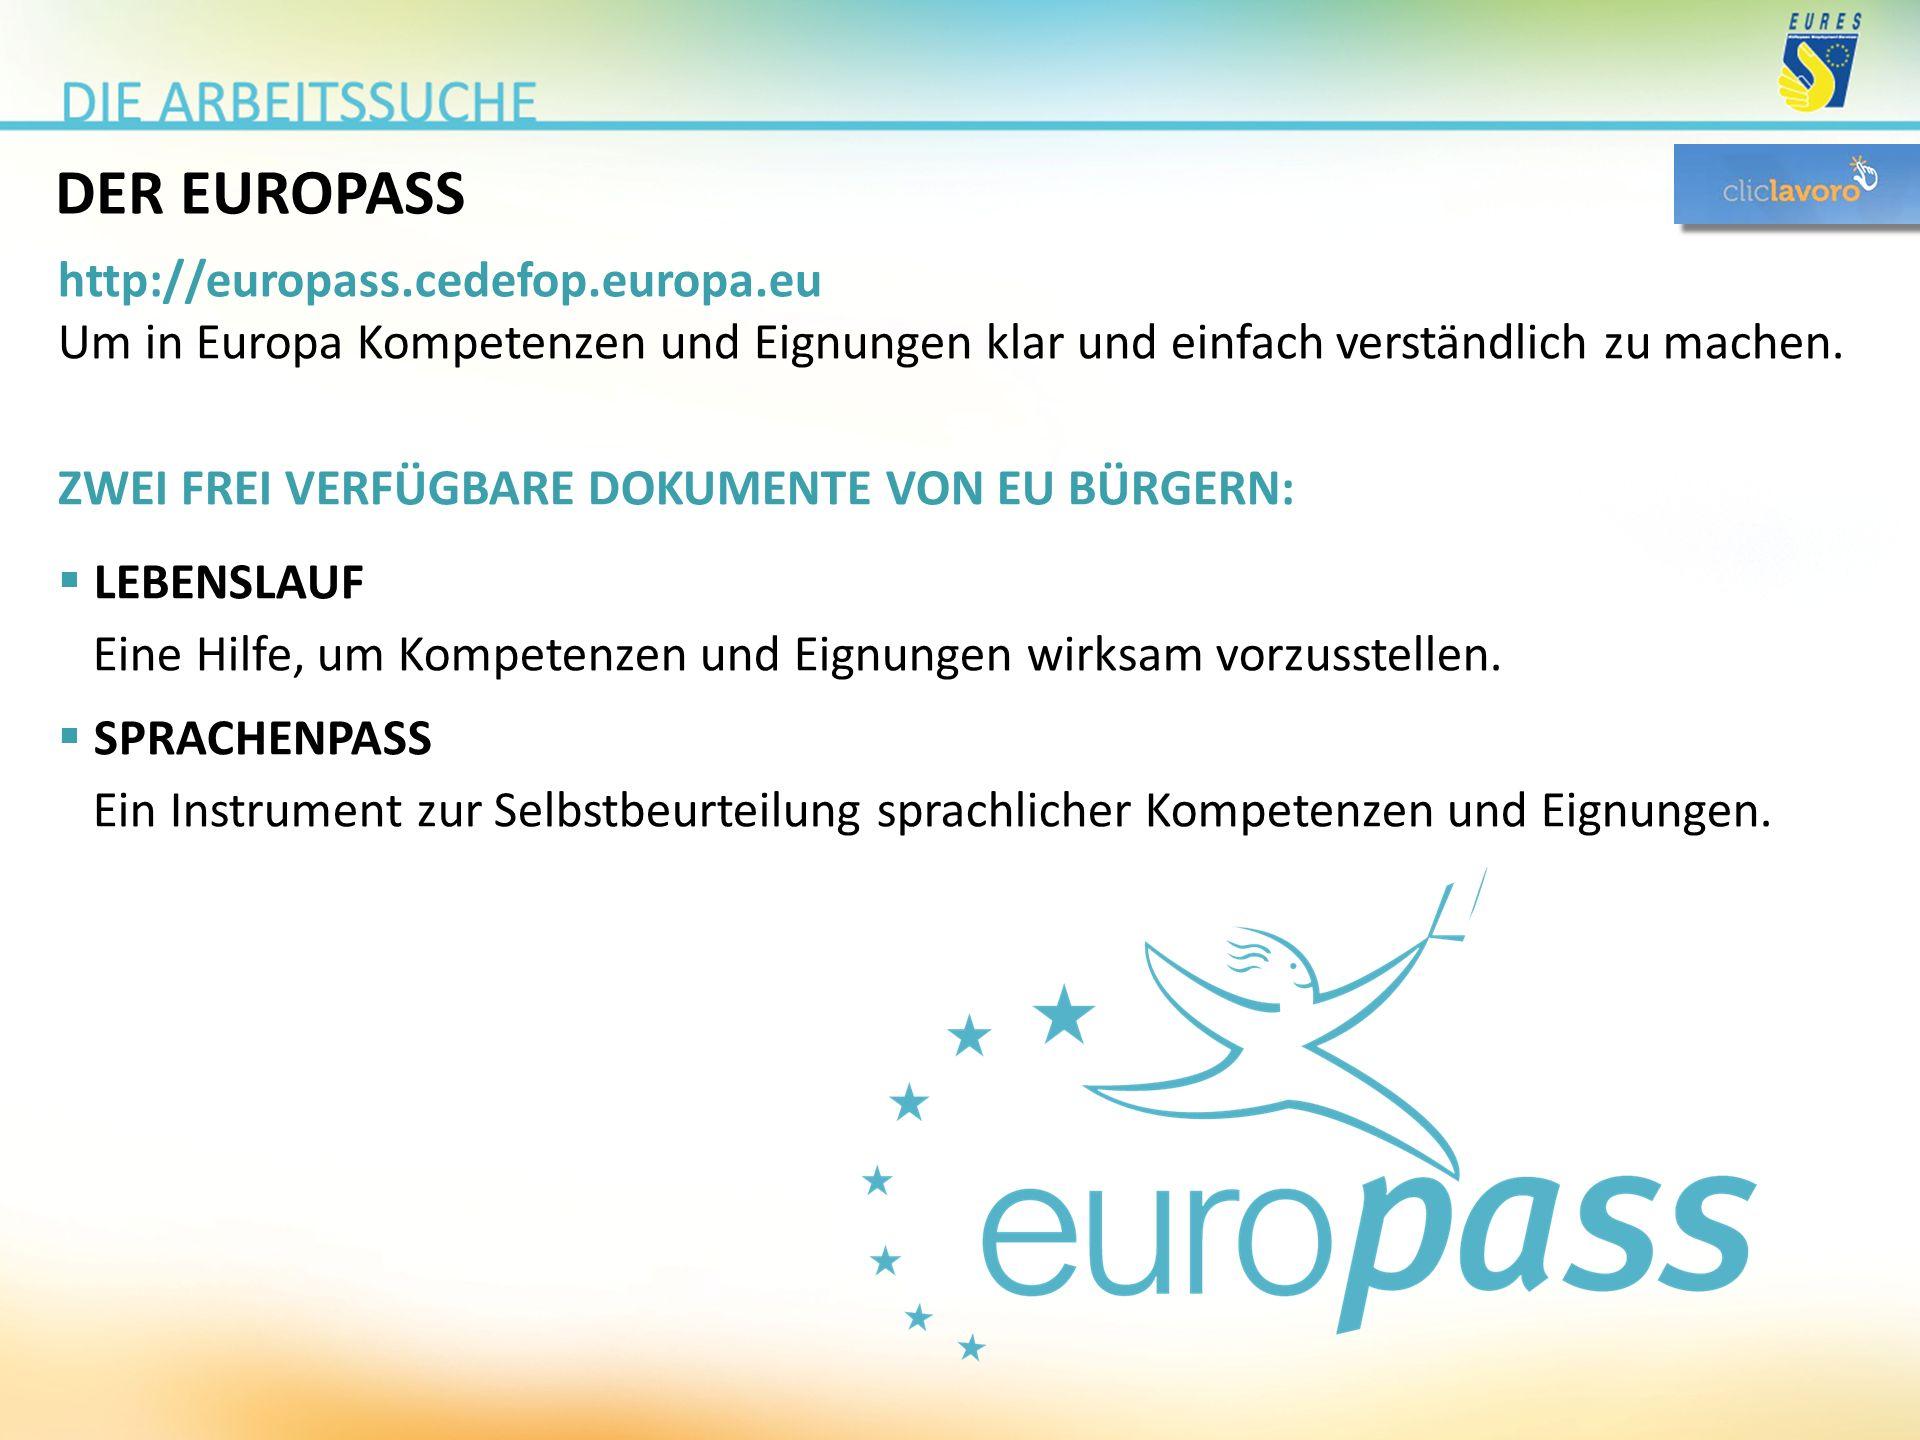 DER EUROPASS http://europass.cedefop.europa.eu Um in Europa Kompetenzen und Eignungen klar und einfach verständlich zu machen. ZWEI FREI VERFÜGBARE DO